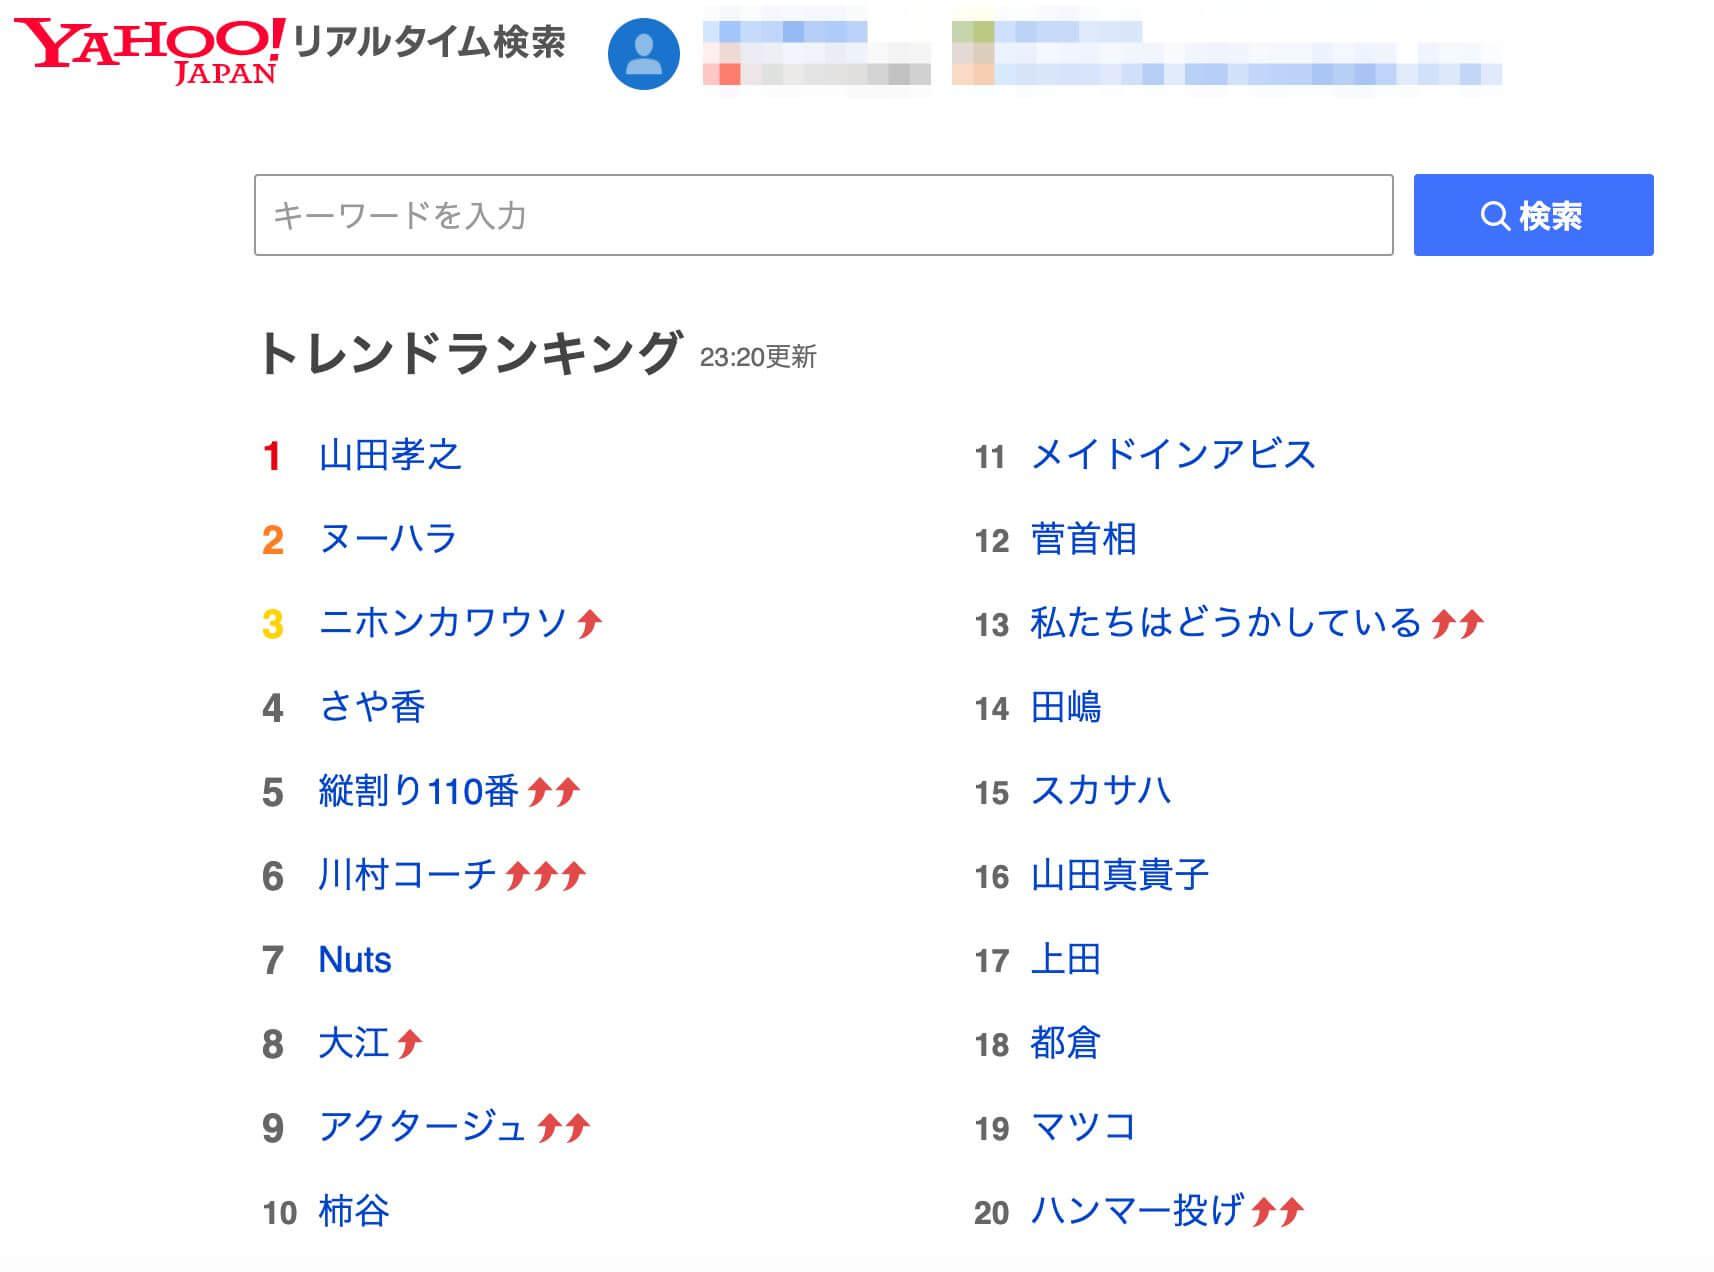 Yahoo!リアルタイム検索で検索